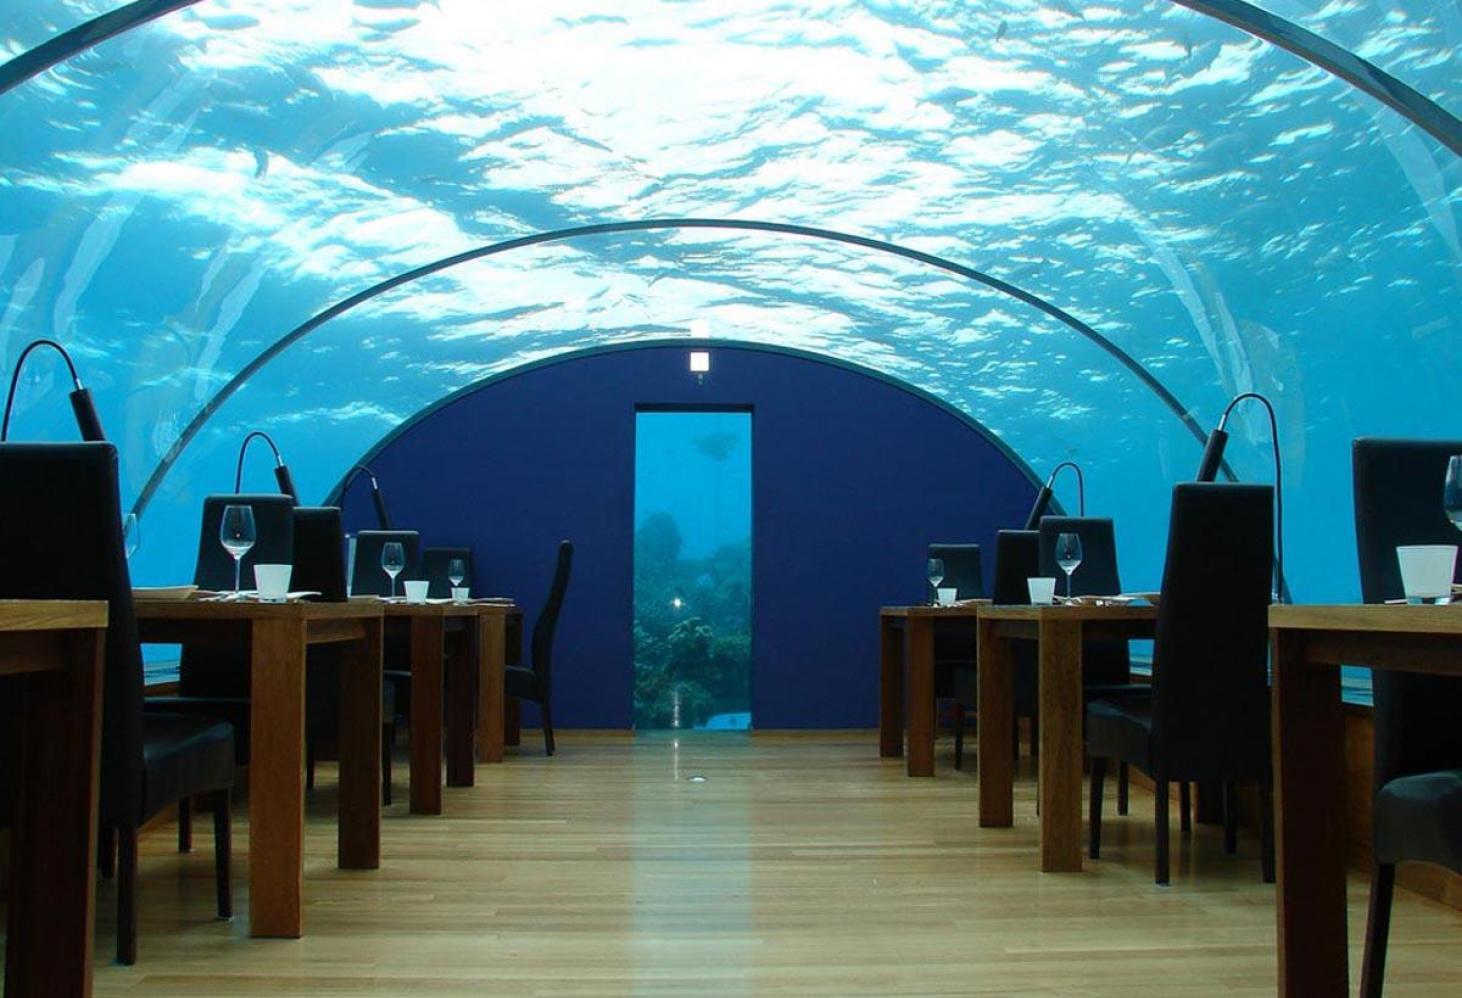 фото дубай под водой бывают